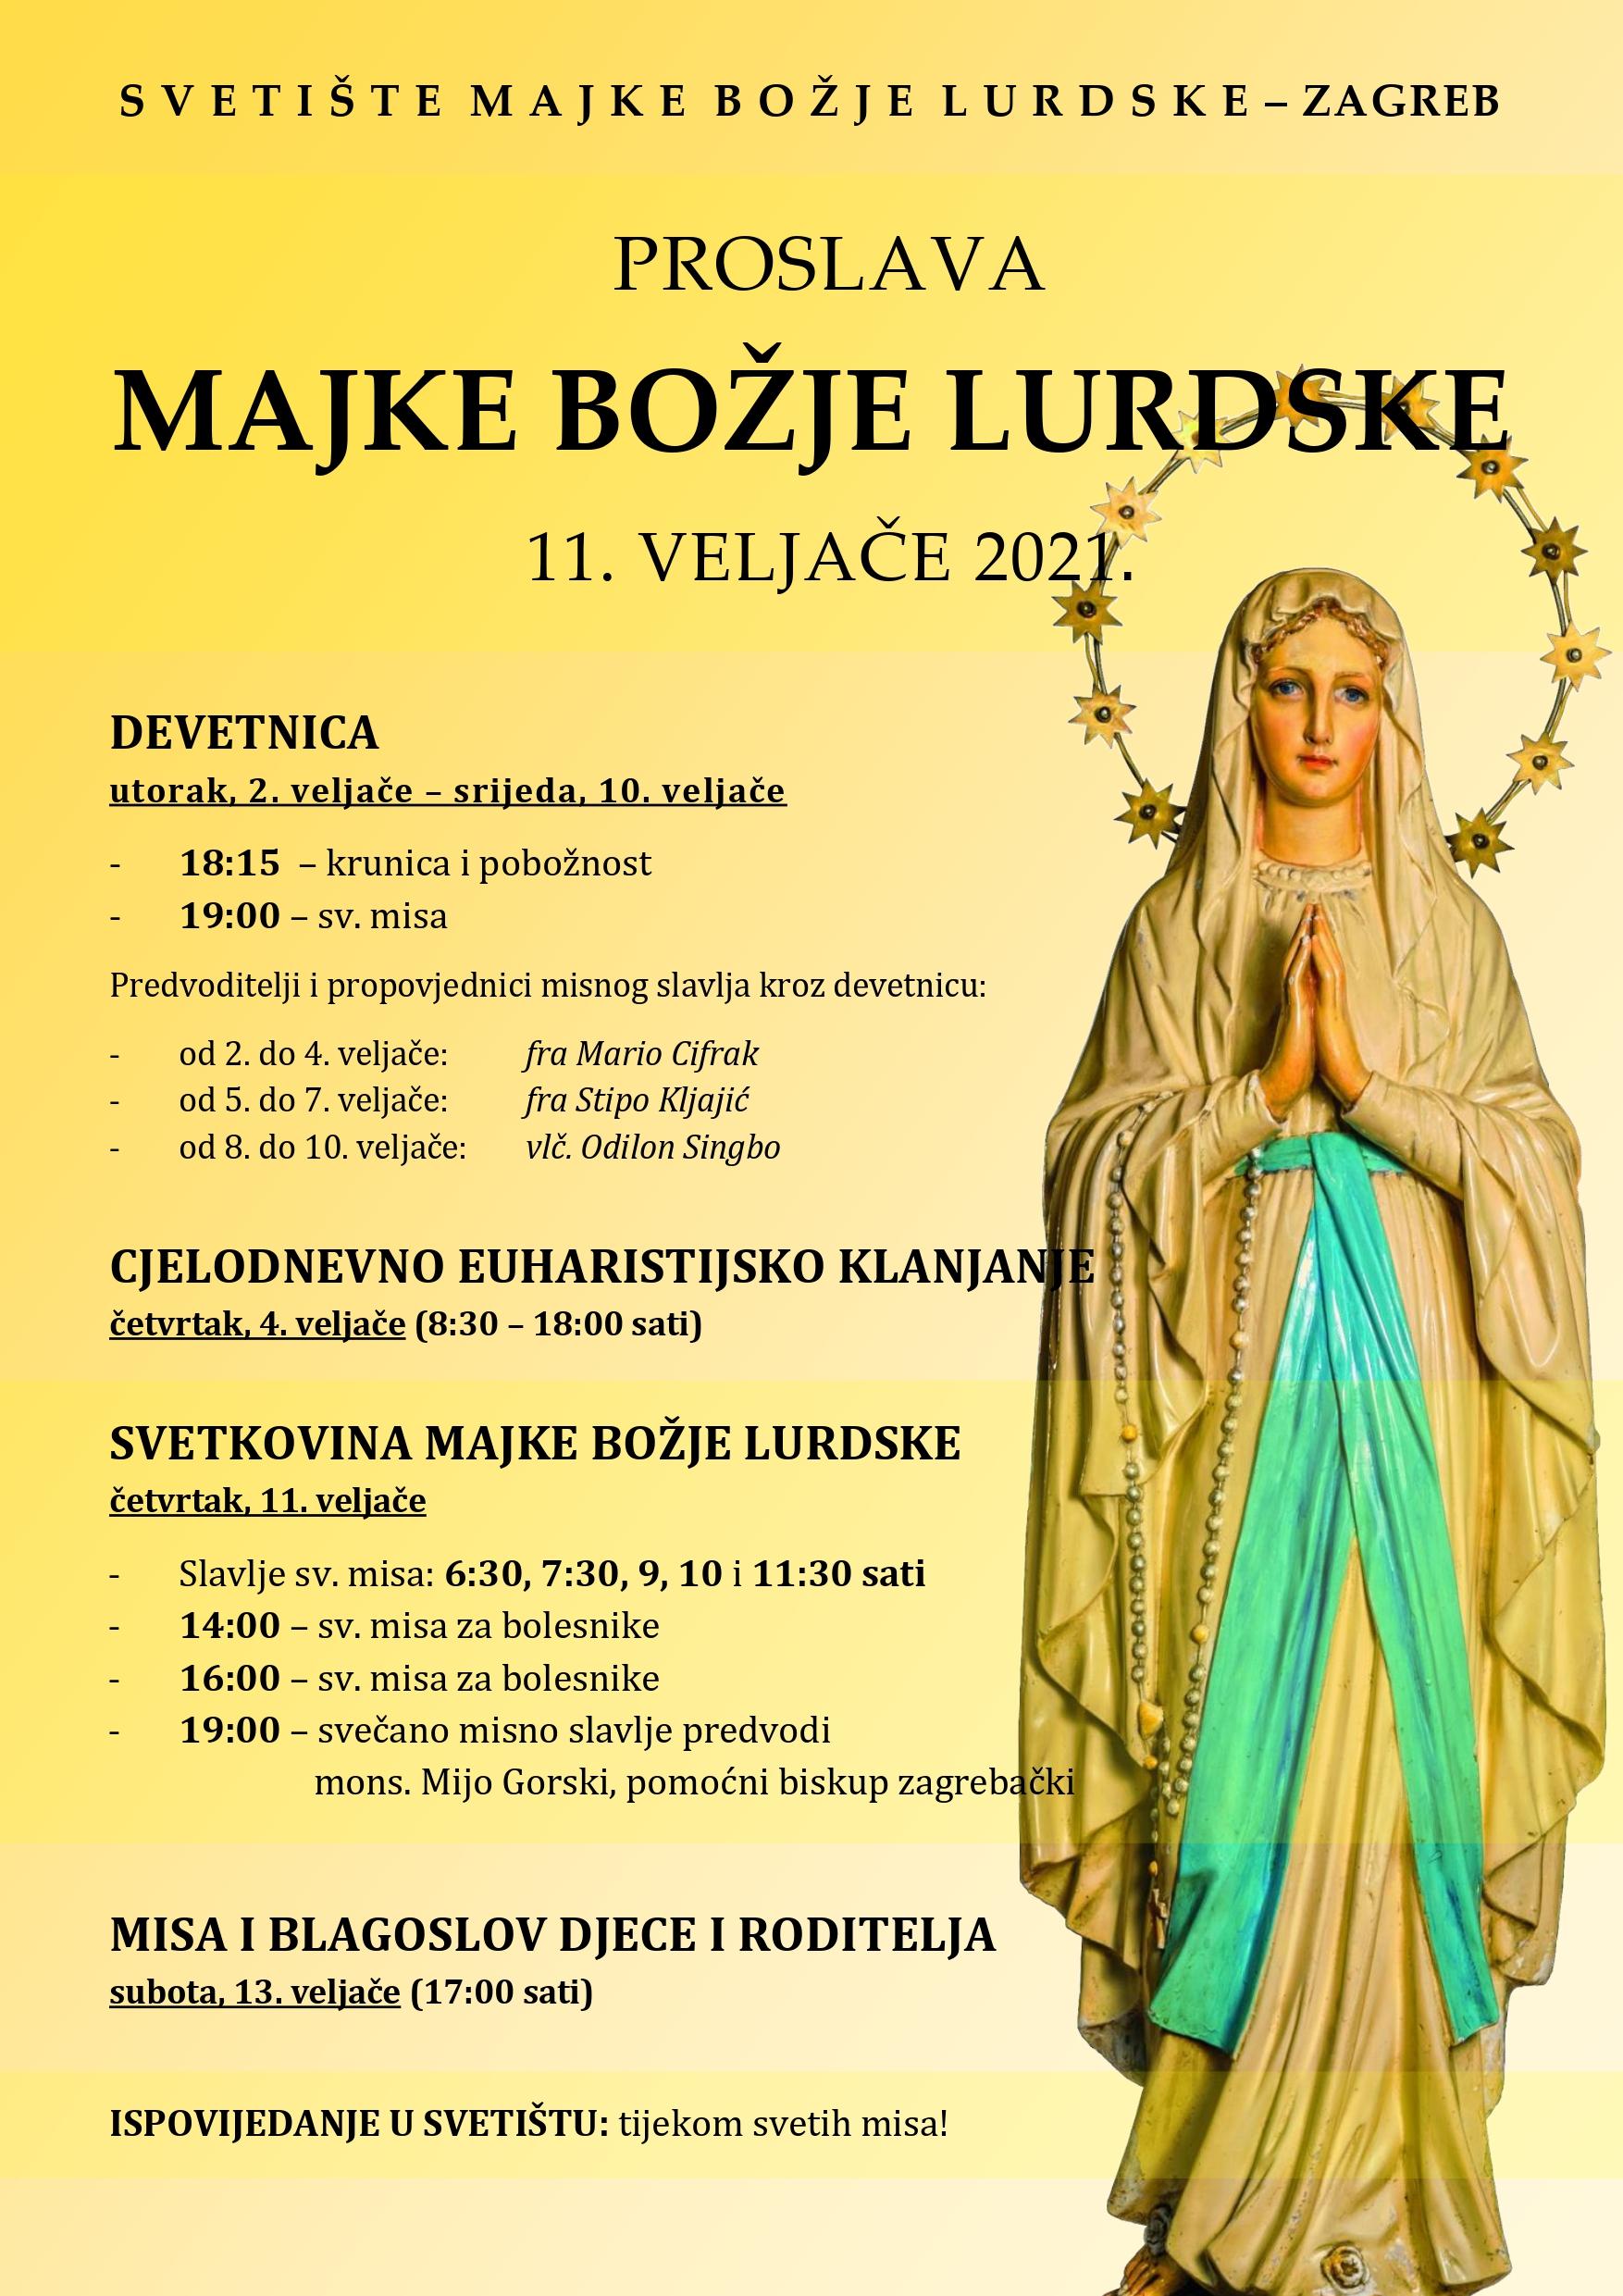 MAJKA BOJA LURDSKA 2021._page-0001